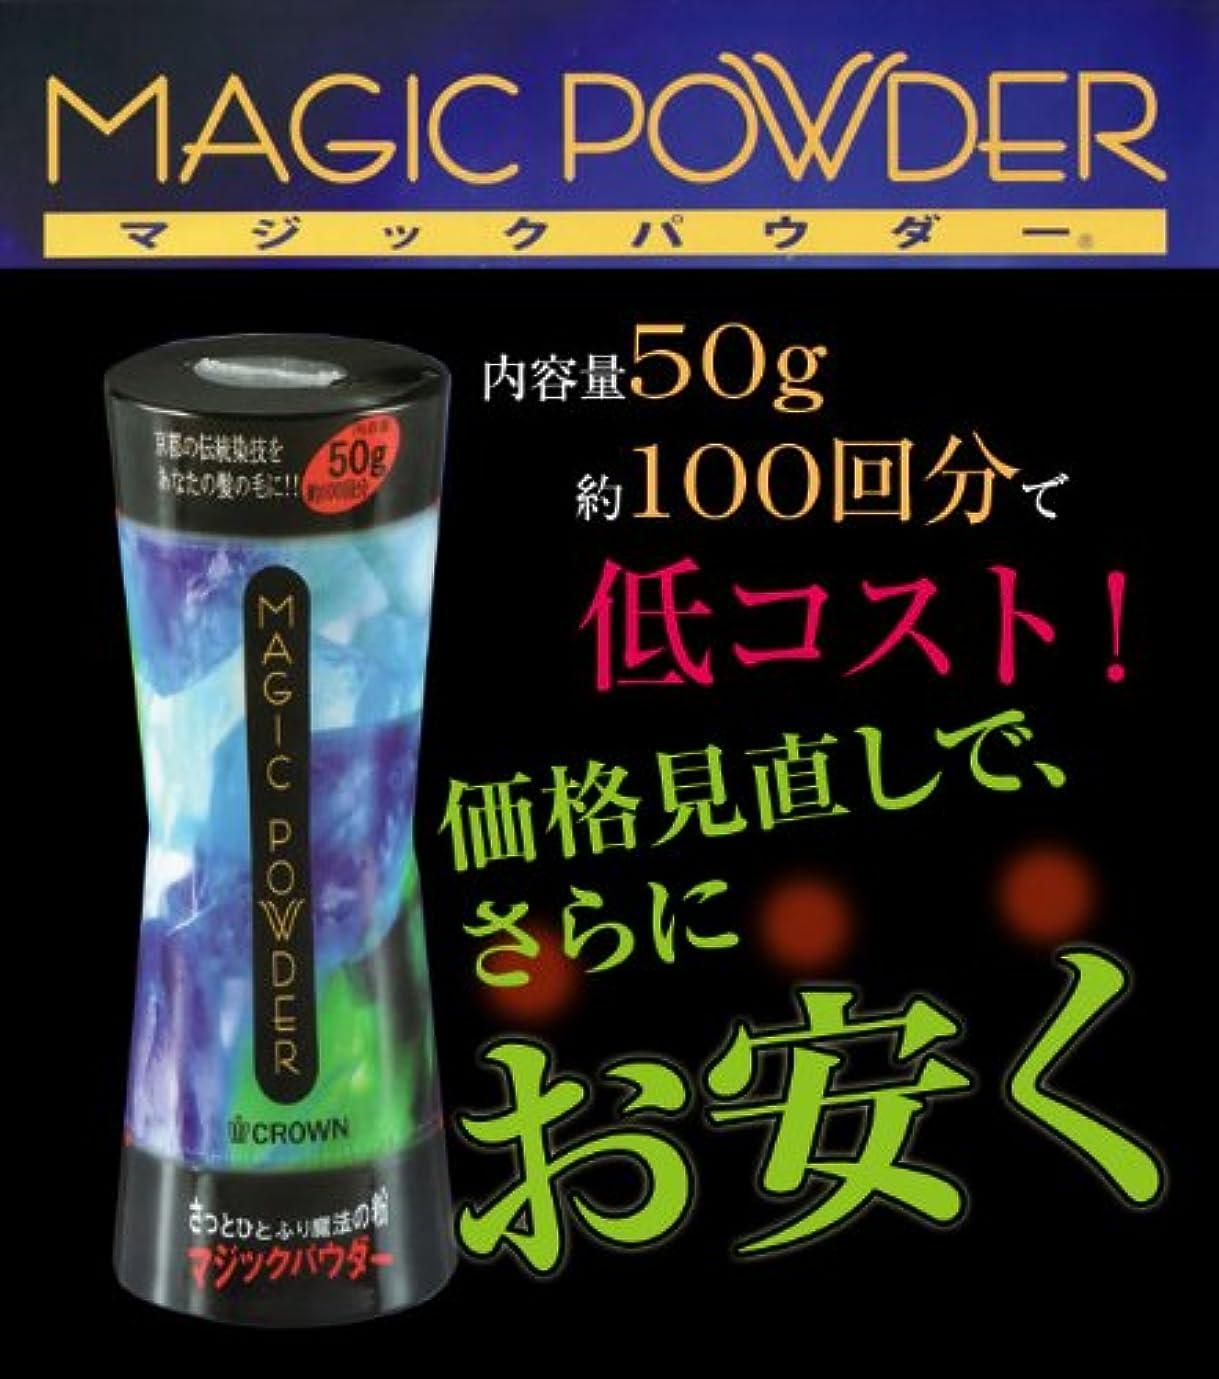 インポートチューインガム抗生物質マジックパウダー 50g 【ダークブラウン】【約100回分】【男女兼用】【MAGIC POWDER】薄毛隠し